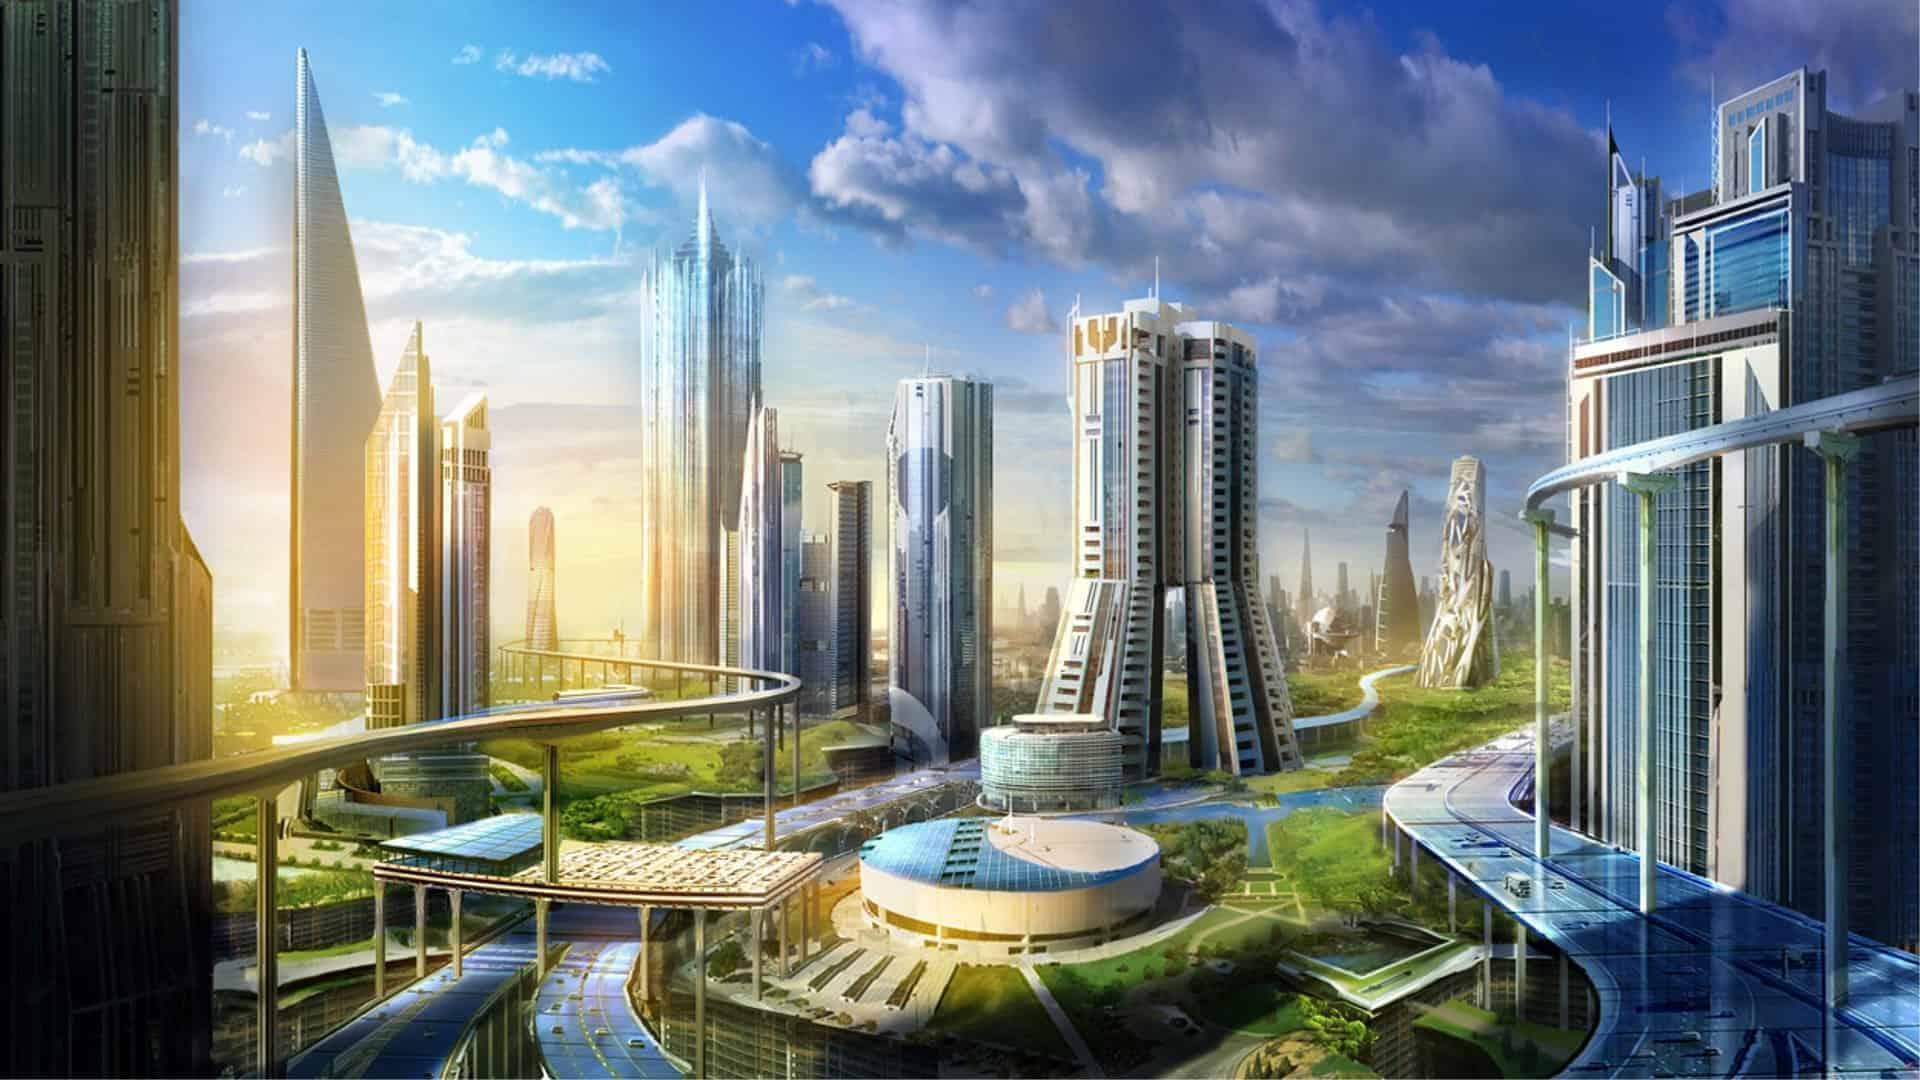 Gelecek 10 Yılda Neler Değişecek?